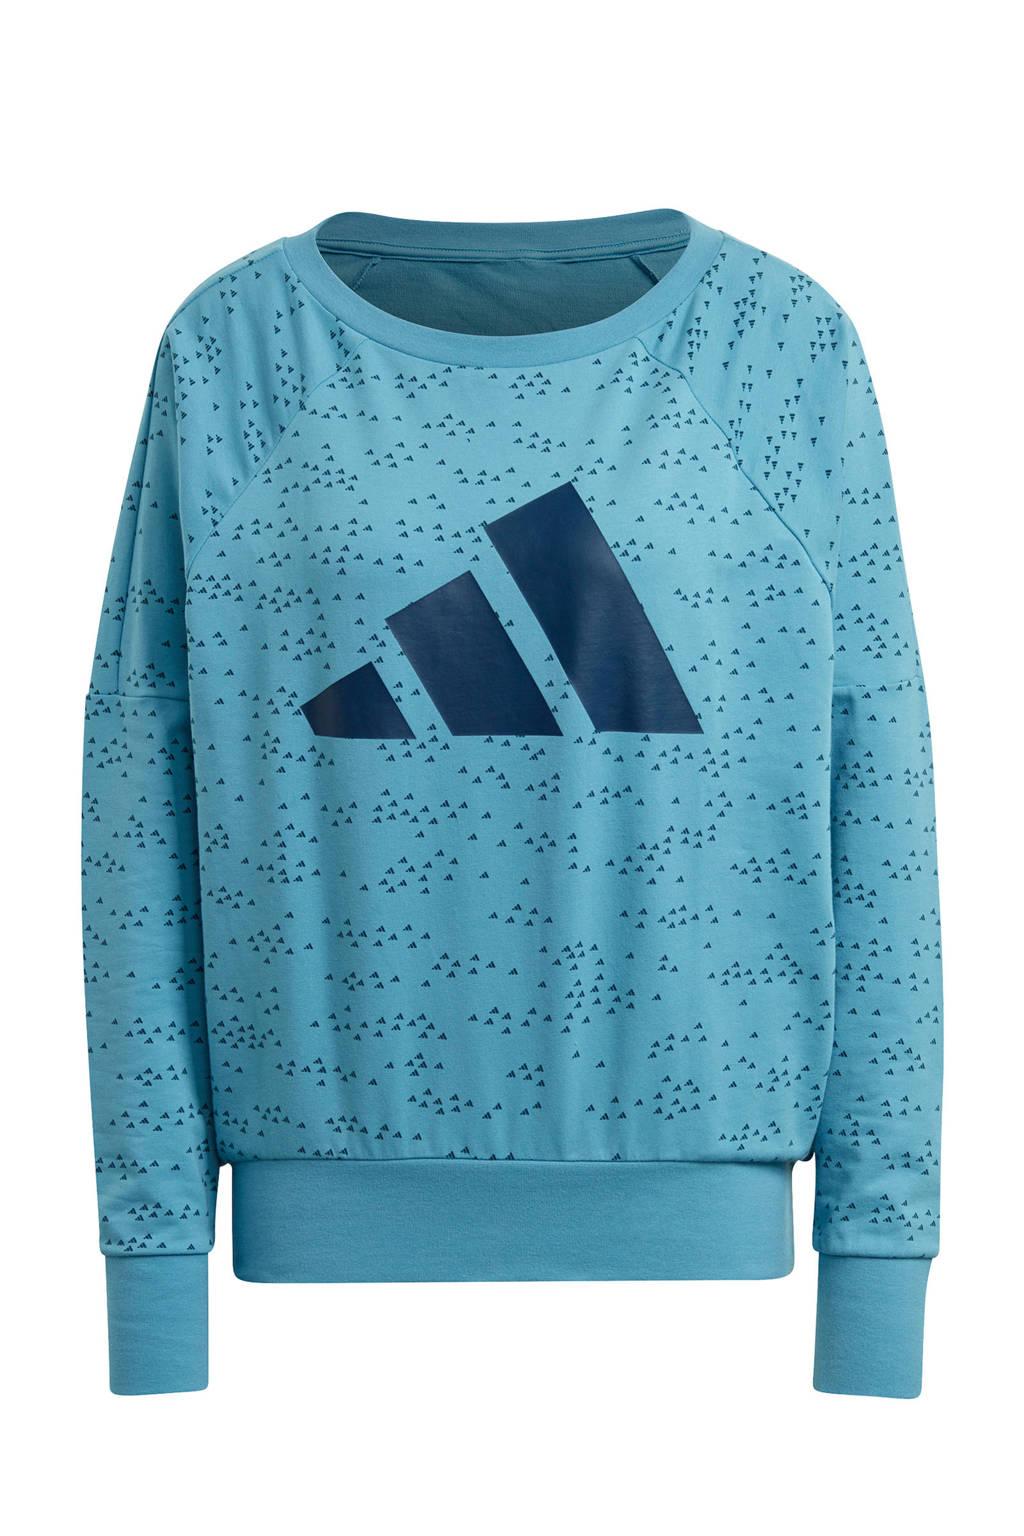 adidas Performance sportsweater lichtblauw, Lichtblauw